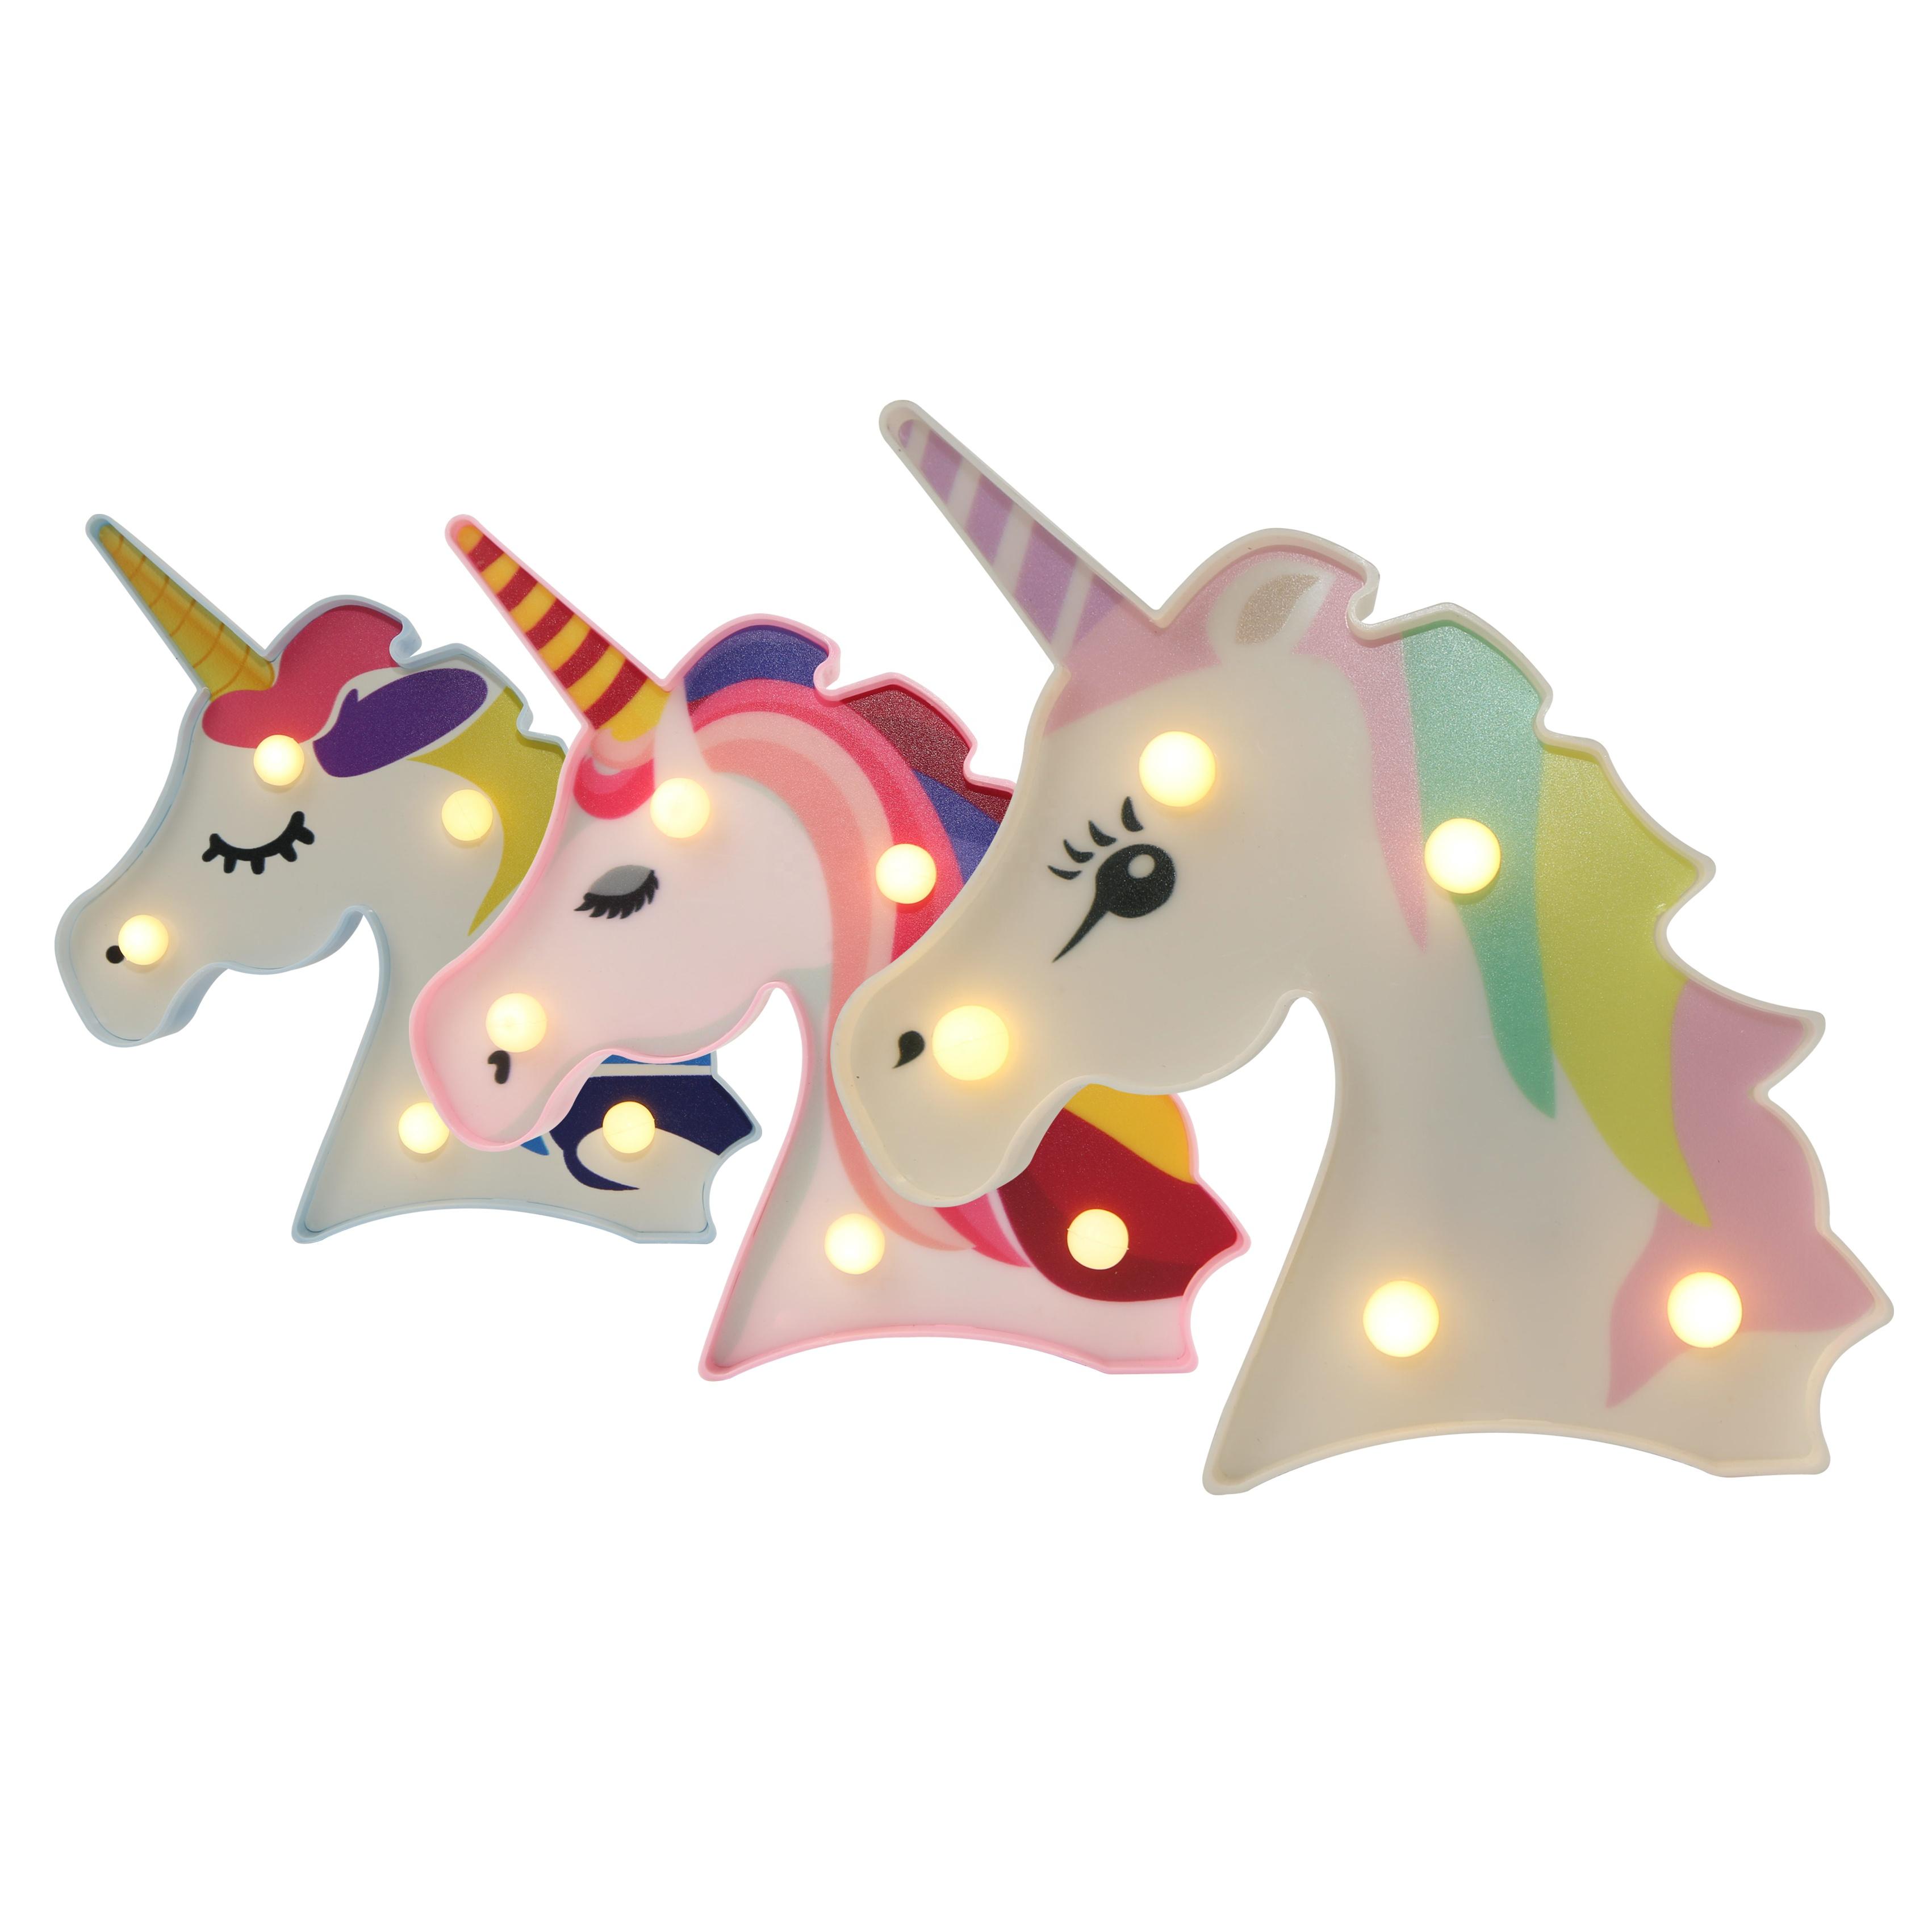 Liangliang Mini LED Night Light Battery Operated Colorful Unicorn Light